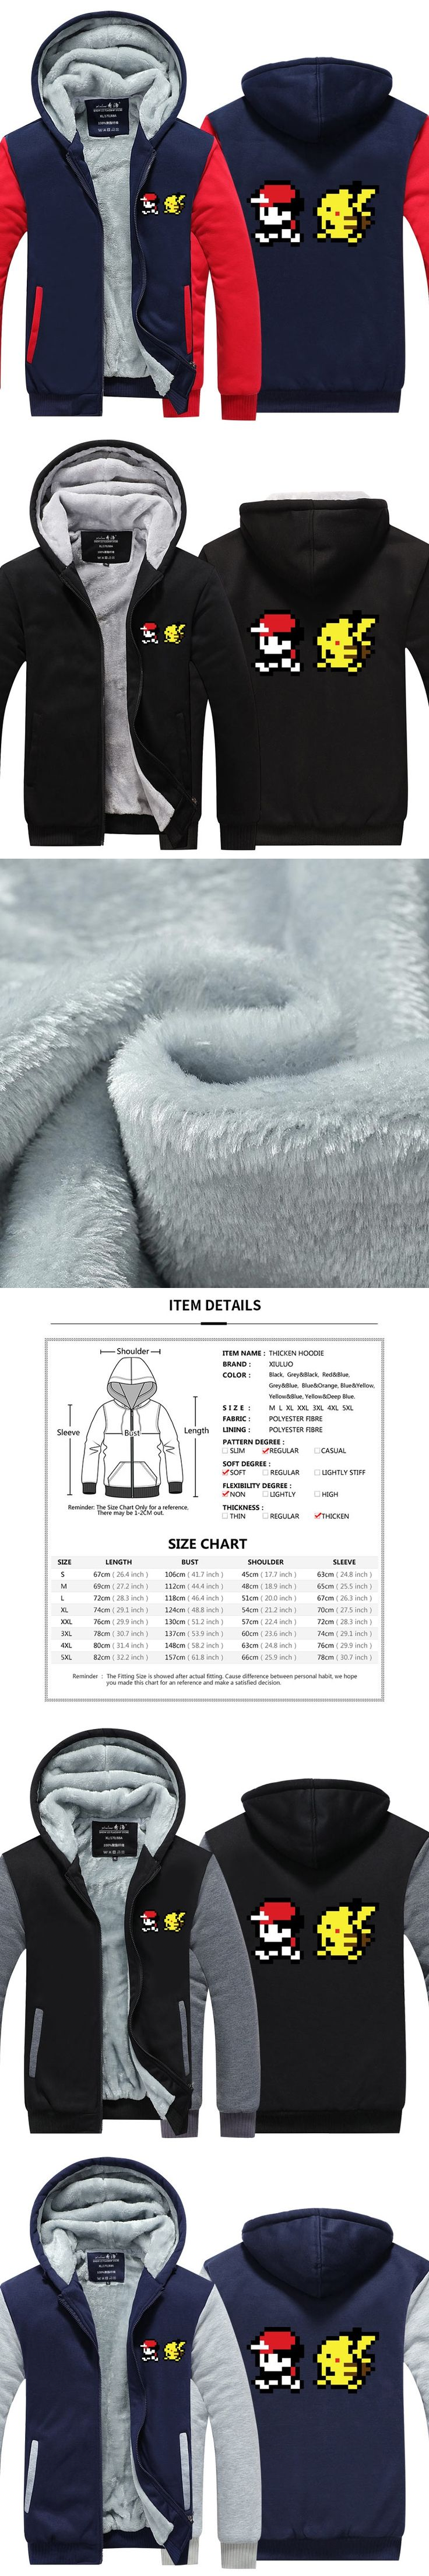 2017 New Arrival Mens Hoodie Winter Pokemon Game Hoodies Pikachu pixel Thicken Fleece Coat Zipper Jacket US EU Plus Size